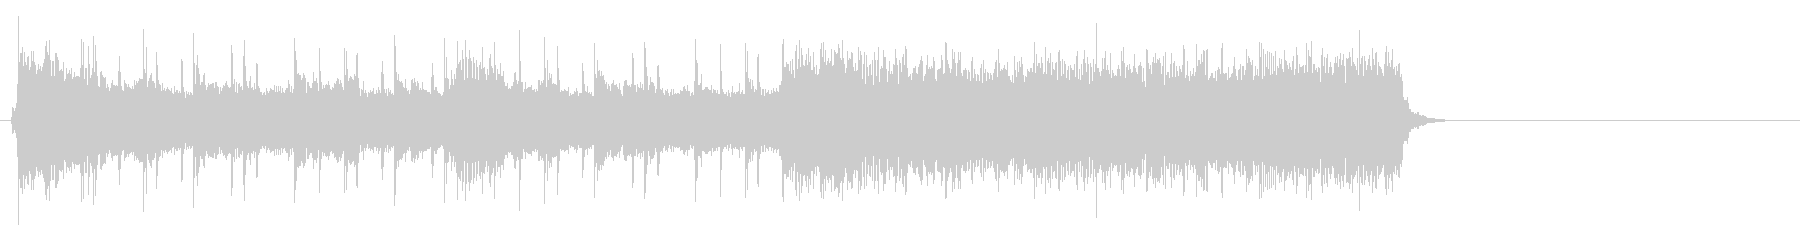 疾走するアメリカンロック(イントロ)の未再生の波形